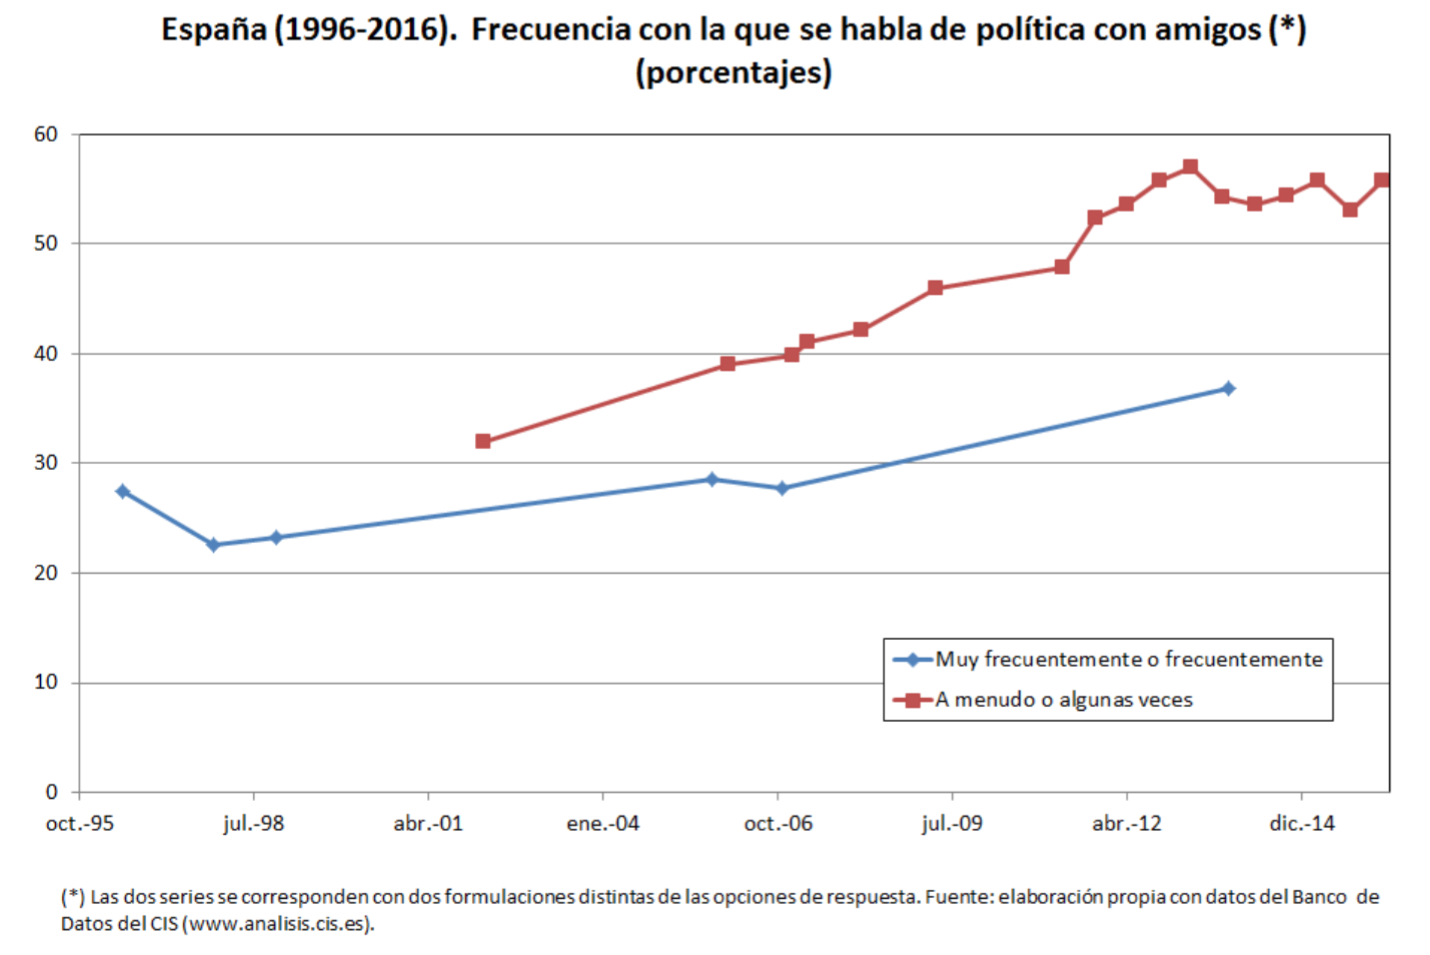 Funcas-4-Escepticismo-Politico-Espana-6.